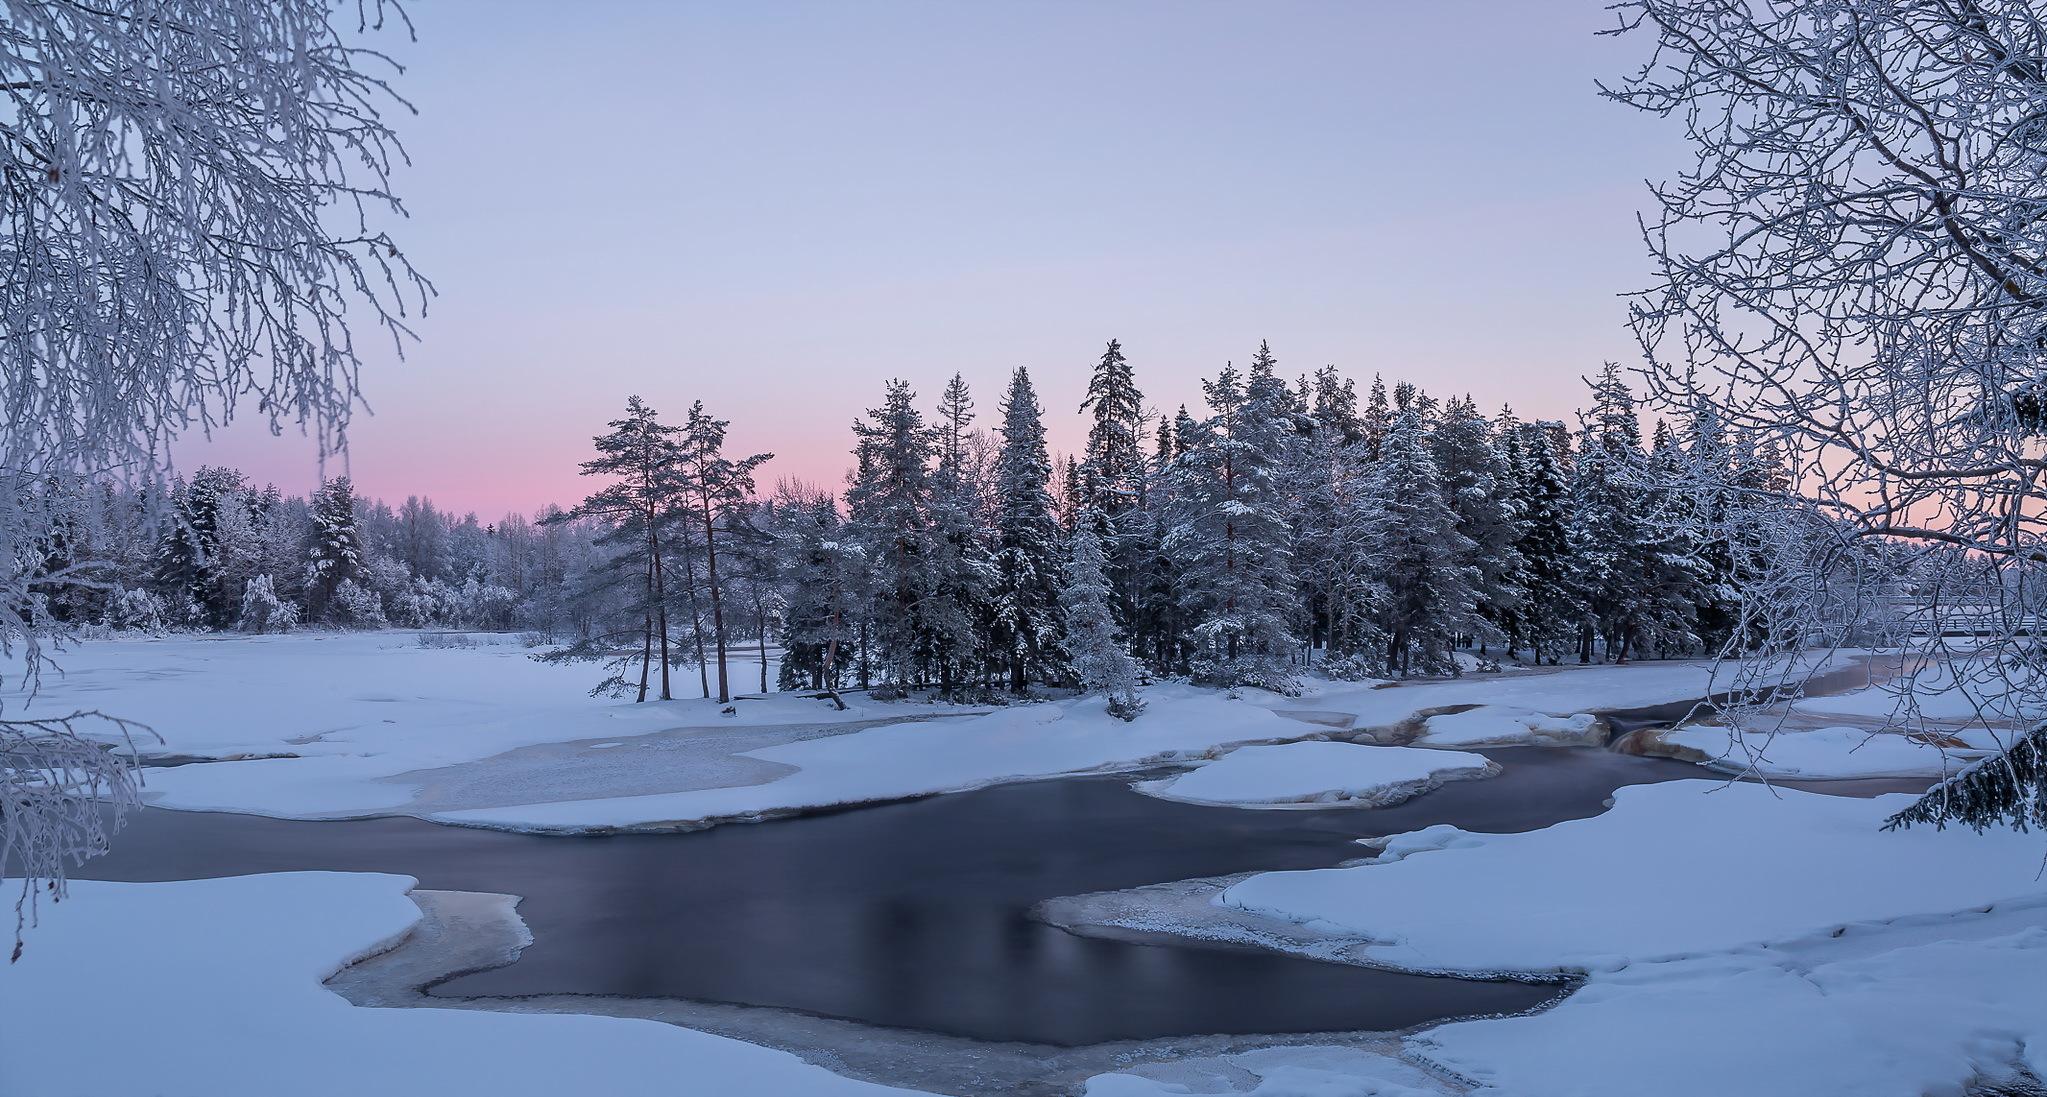 речка мороз зима the river frost winter  № 456334 загрузить